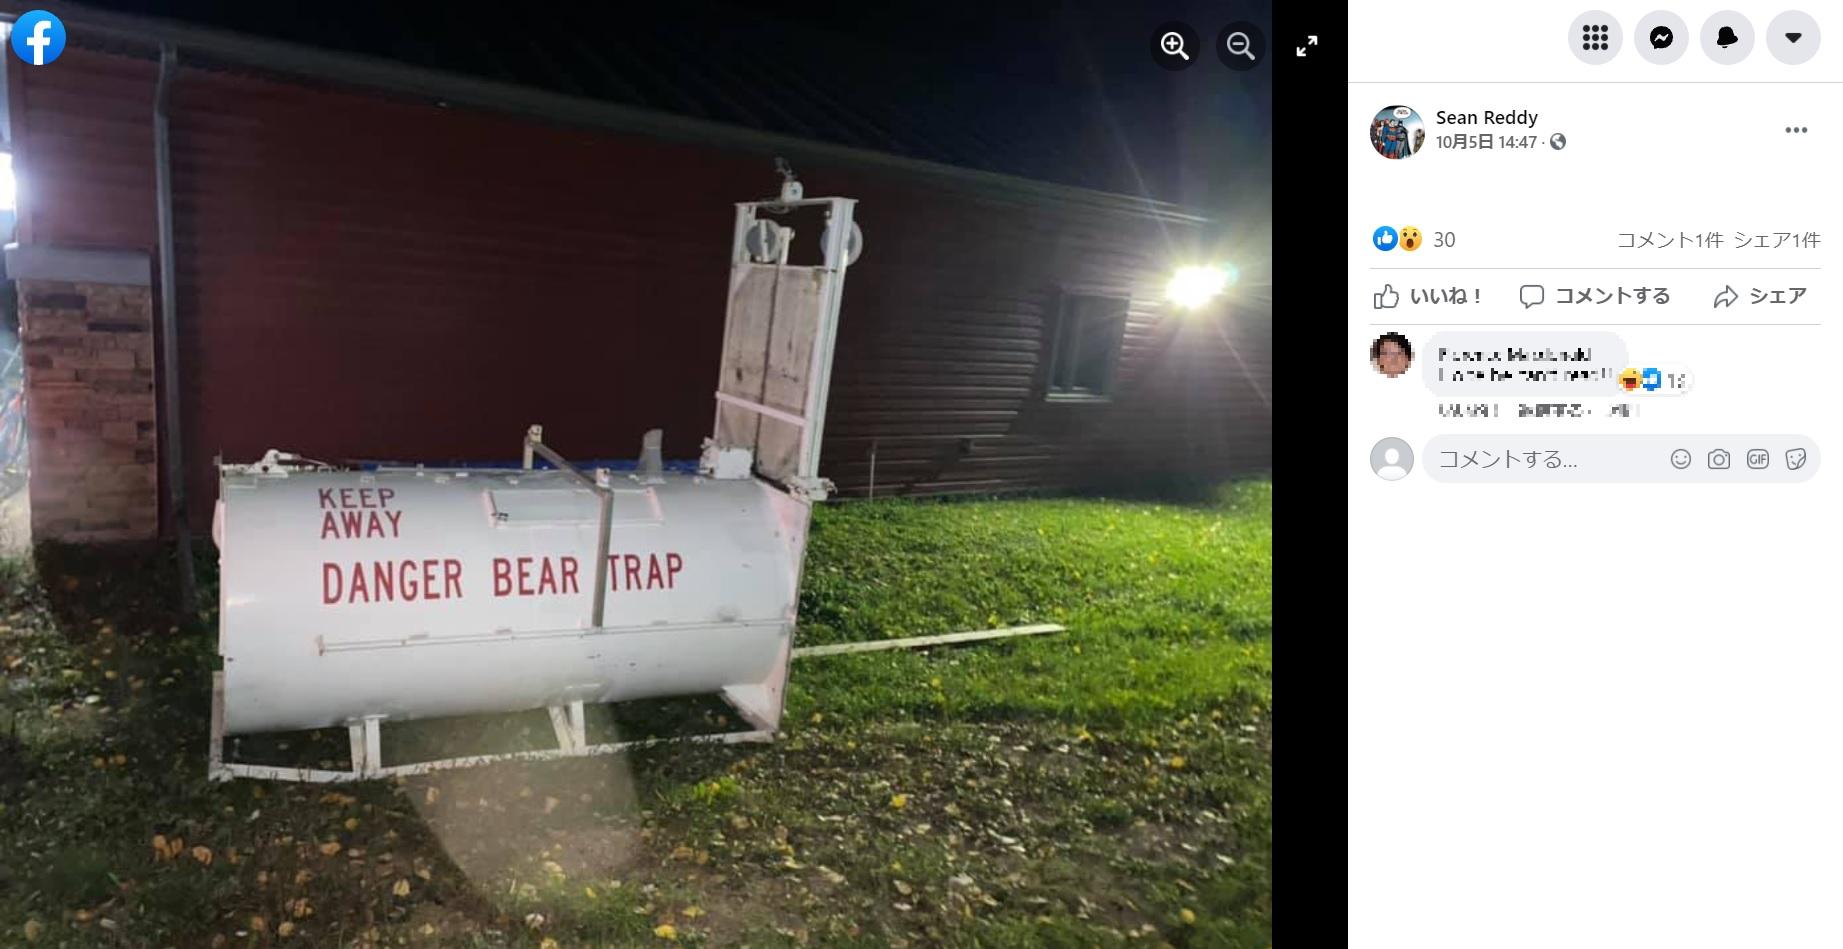 クマを捕獲するために設置された罠(画像は『Sean Reddy 2021年10月5日付Facebook「Fun times living in the woods of Northern Alberta!」』のスクリーンショット)